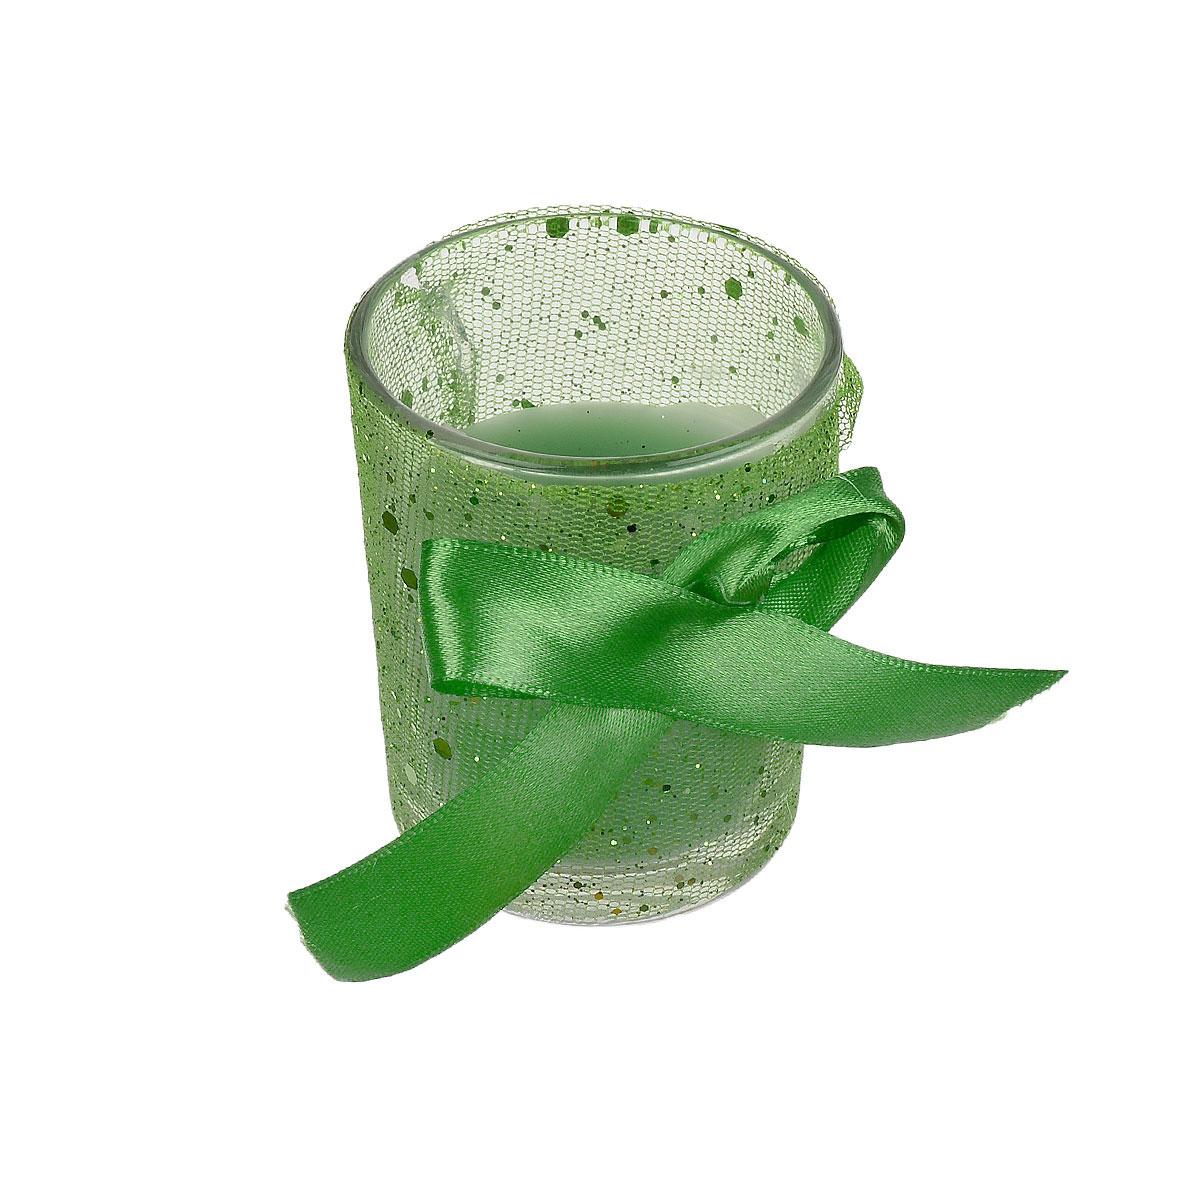 Свеча ароматизированная Sima-land Нежность, высота 6,5 см899625Ароматизированная свеча Sima-land Нежность изготовлена из воска и расположена в стеклянном стакане, украшенном сеткой с блестками и текстильным бантом. Изделие отличается оригинальным дизайном и приятным ароматом зеленого яблока. Такая свеча может стать отличным подарком или дополнить интерьер вашей комнаты.